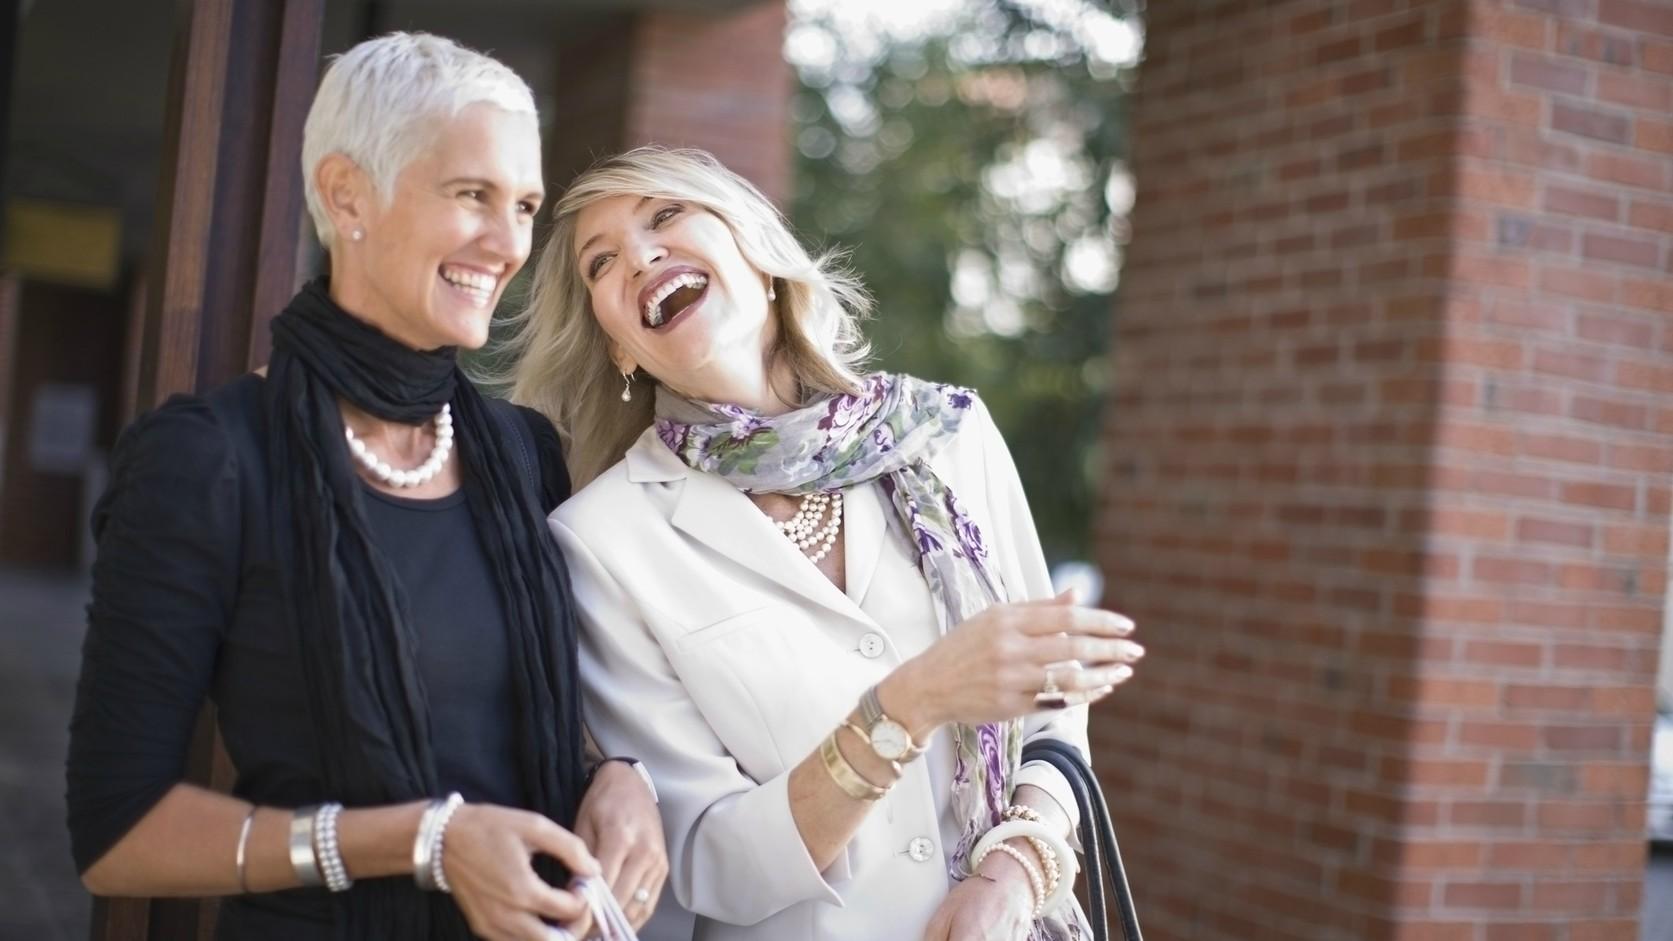 31fbaf40f9 Mit viseljünk szilveszterkor? – Divattippek 50 felettieknek